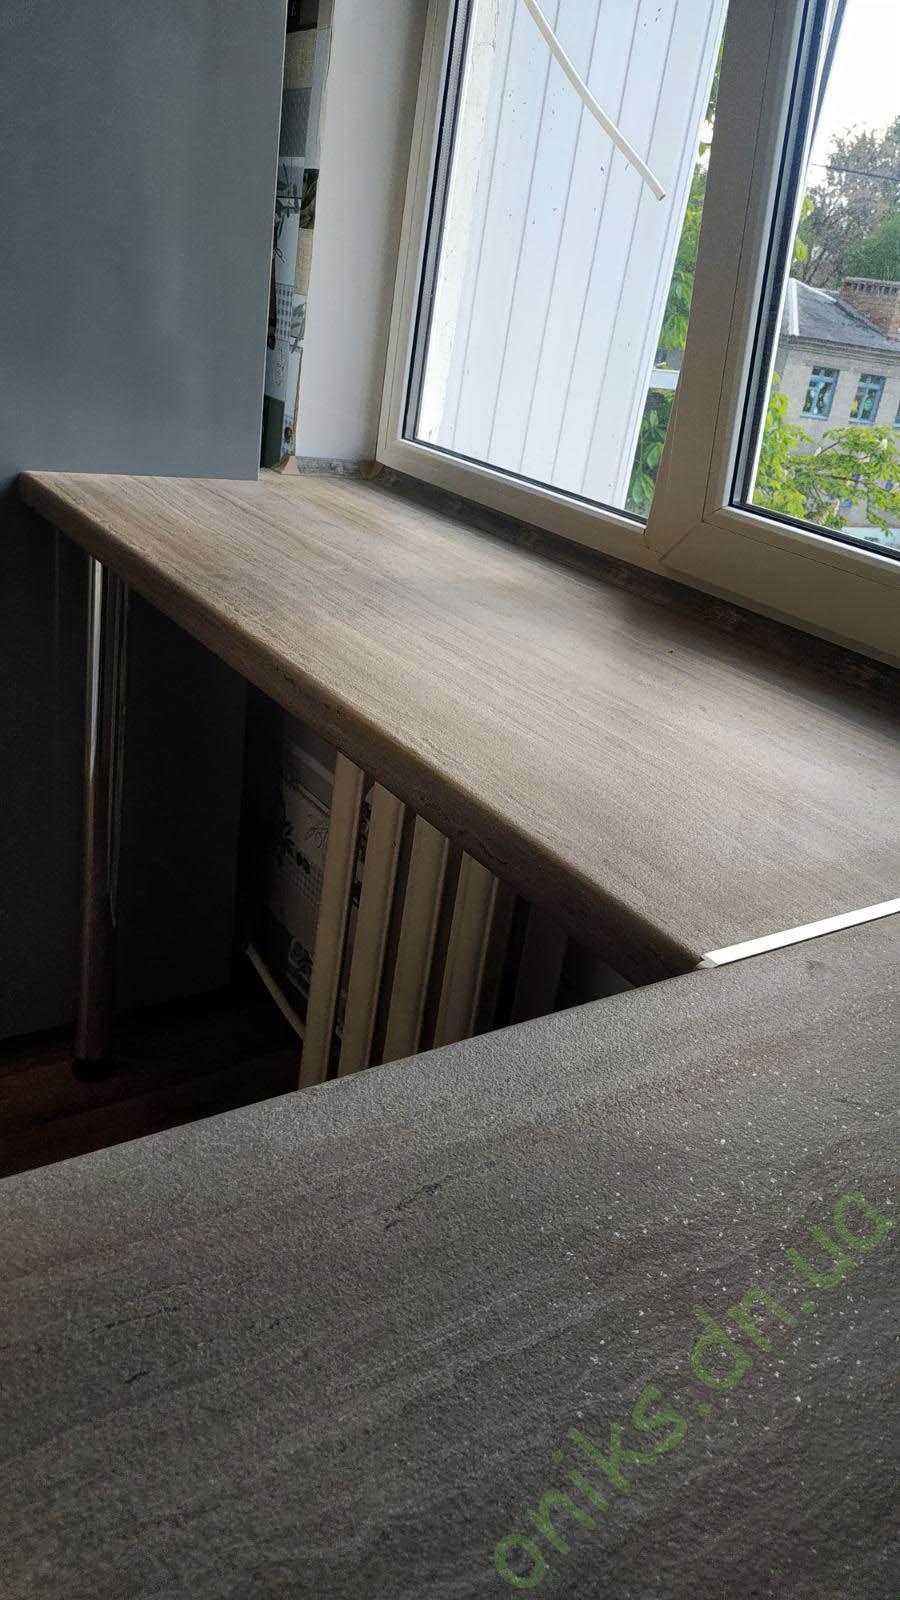 Купить кухню угловую со встроенной столешницей под окном в Донецке